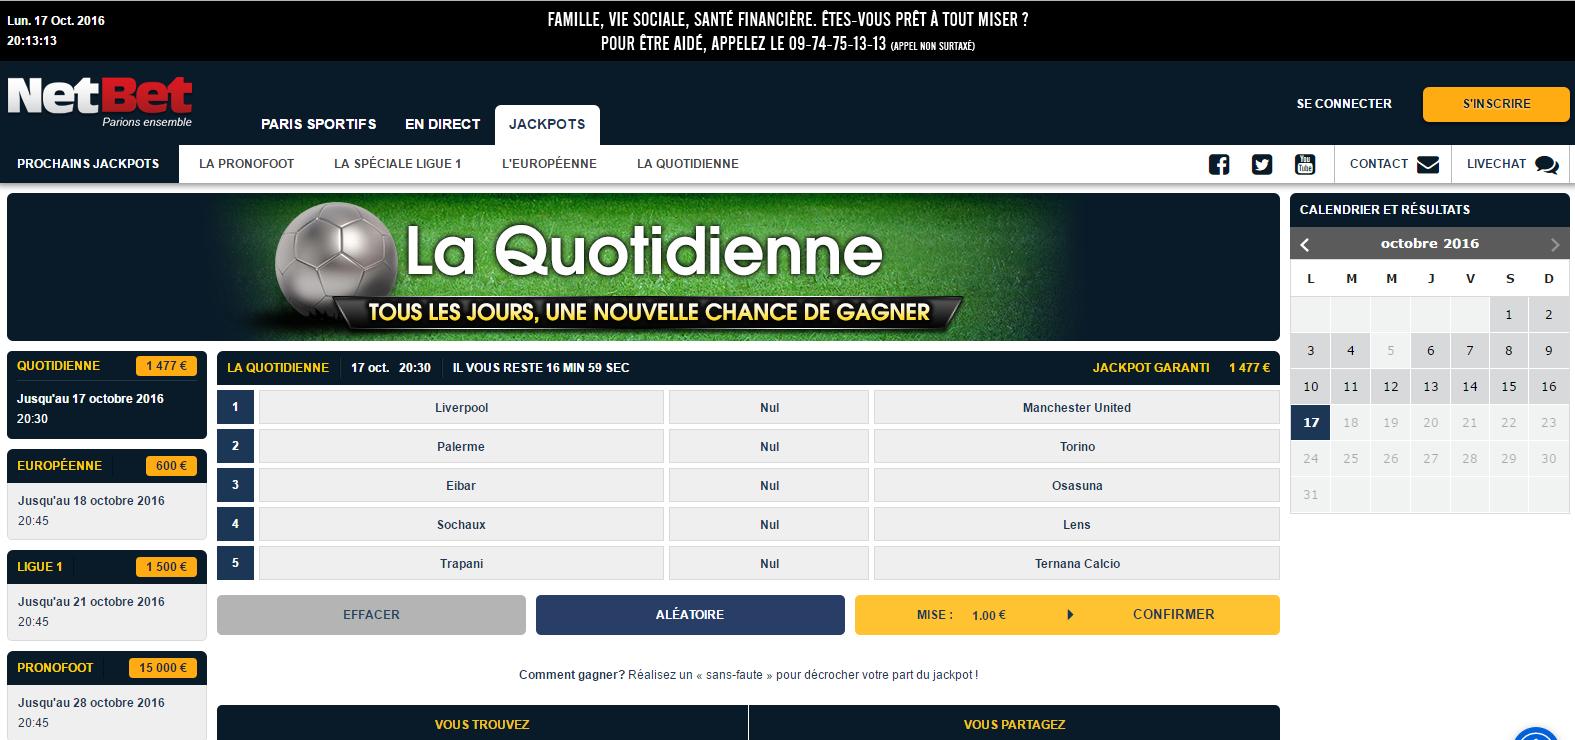 Liste parionssport fdj 1n2 - Loto foot 7&15 - Cote et match - Match du jour